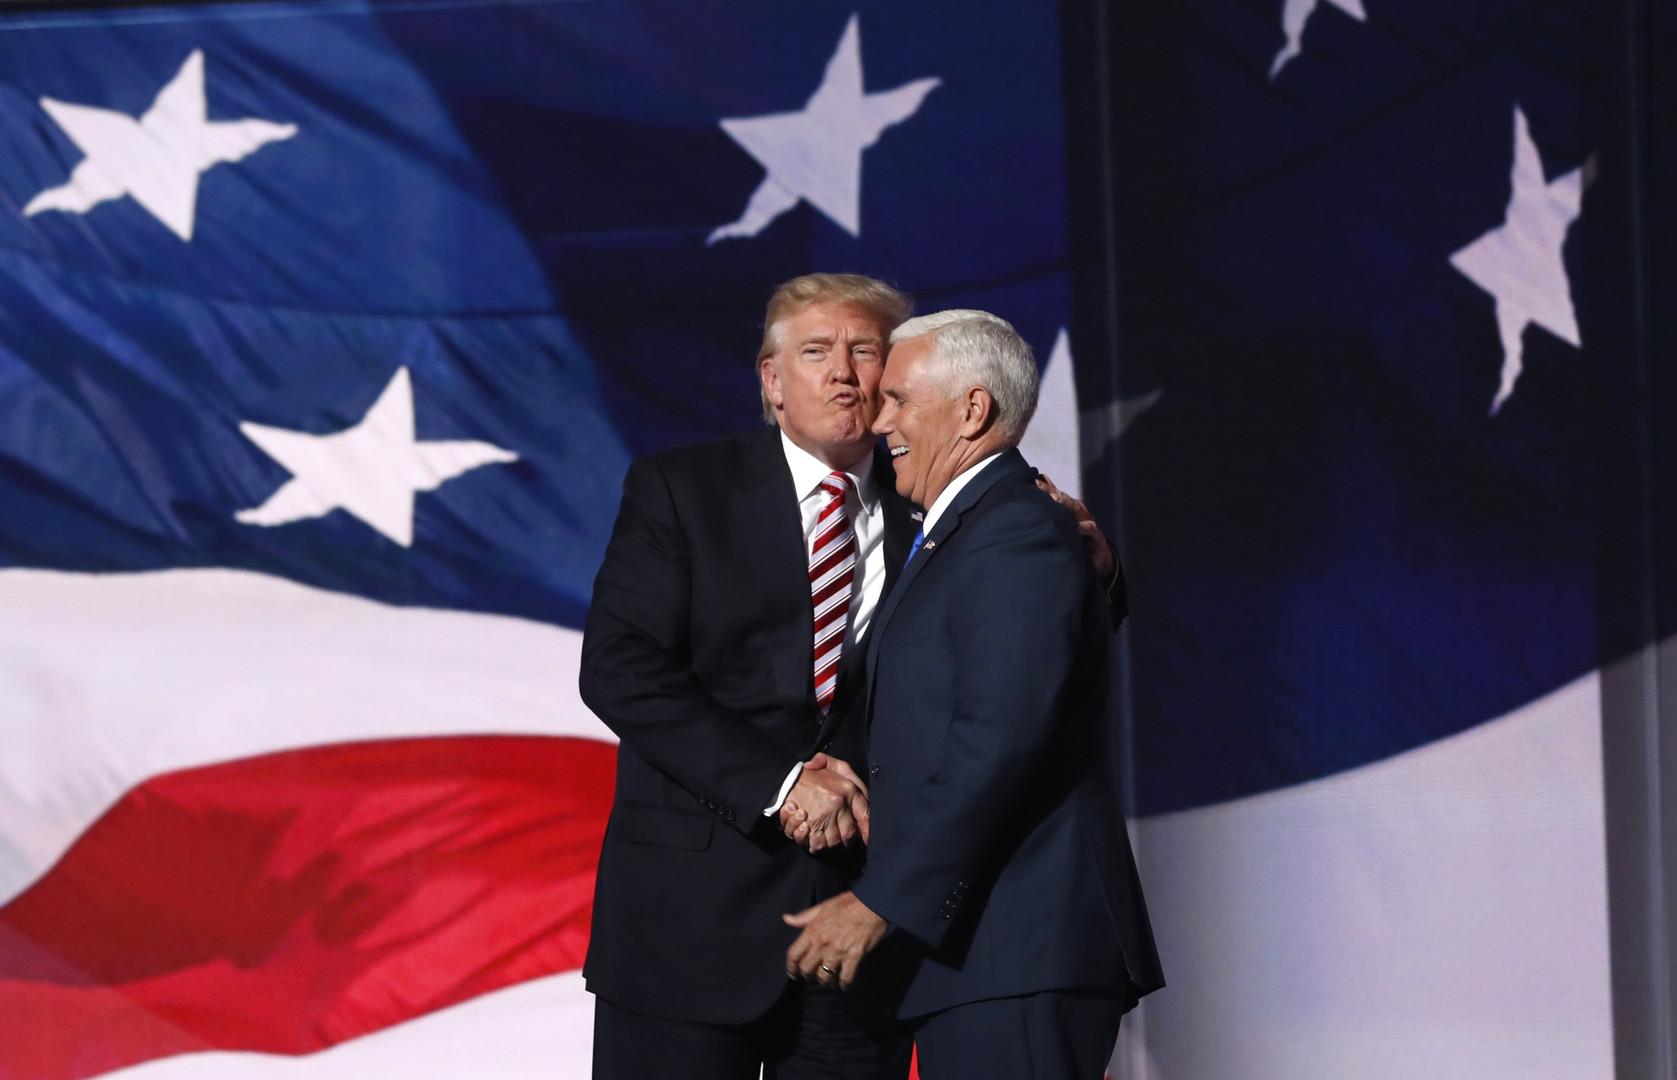 Поцелуй, украденная речь и другие приключения республиканцев: чем запомнился съезд партии